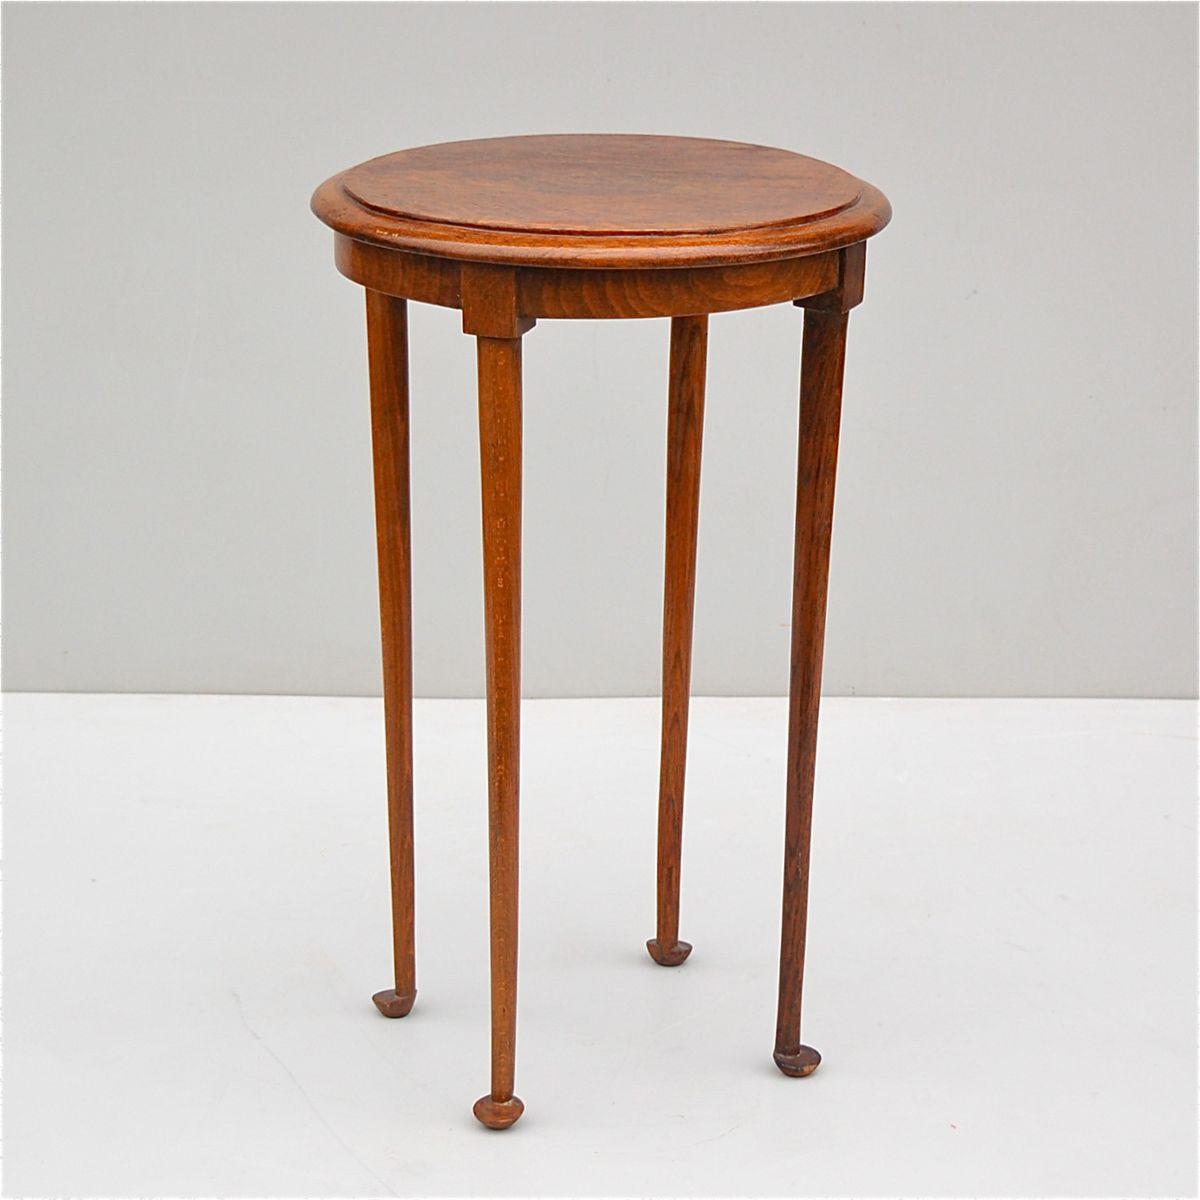 eichenholz tisch mit abgerundeten beinen 1950er bei pamono kaufen. Black Bedroom Furniture Sets. Home Design Ideas